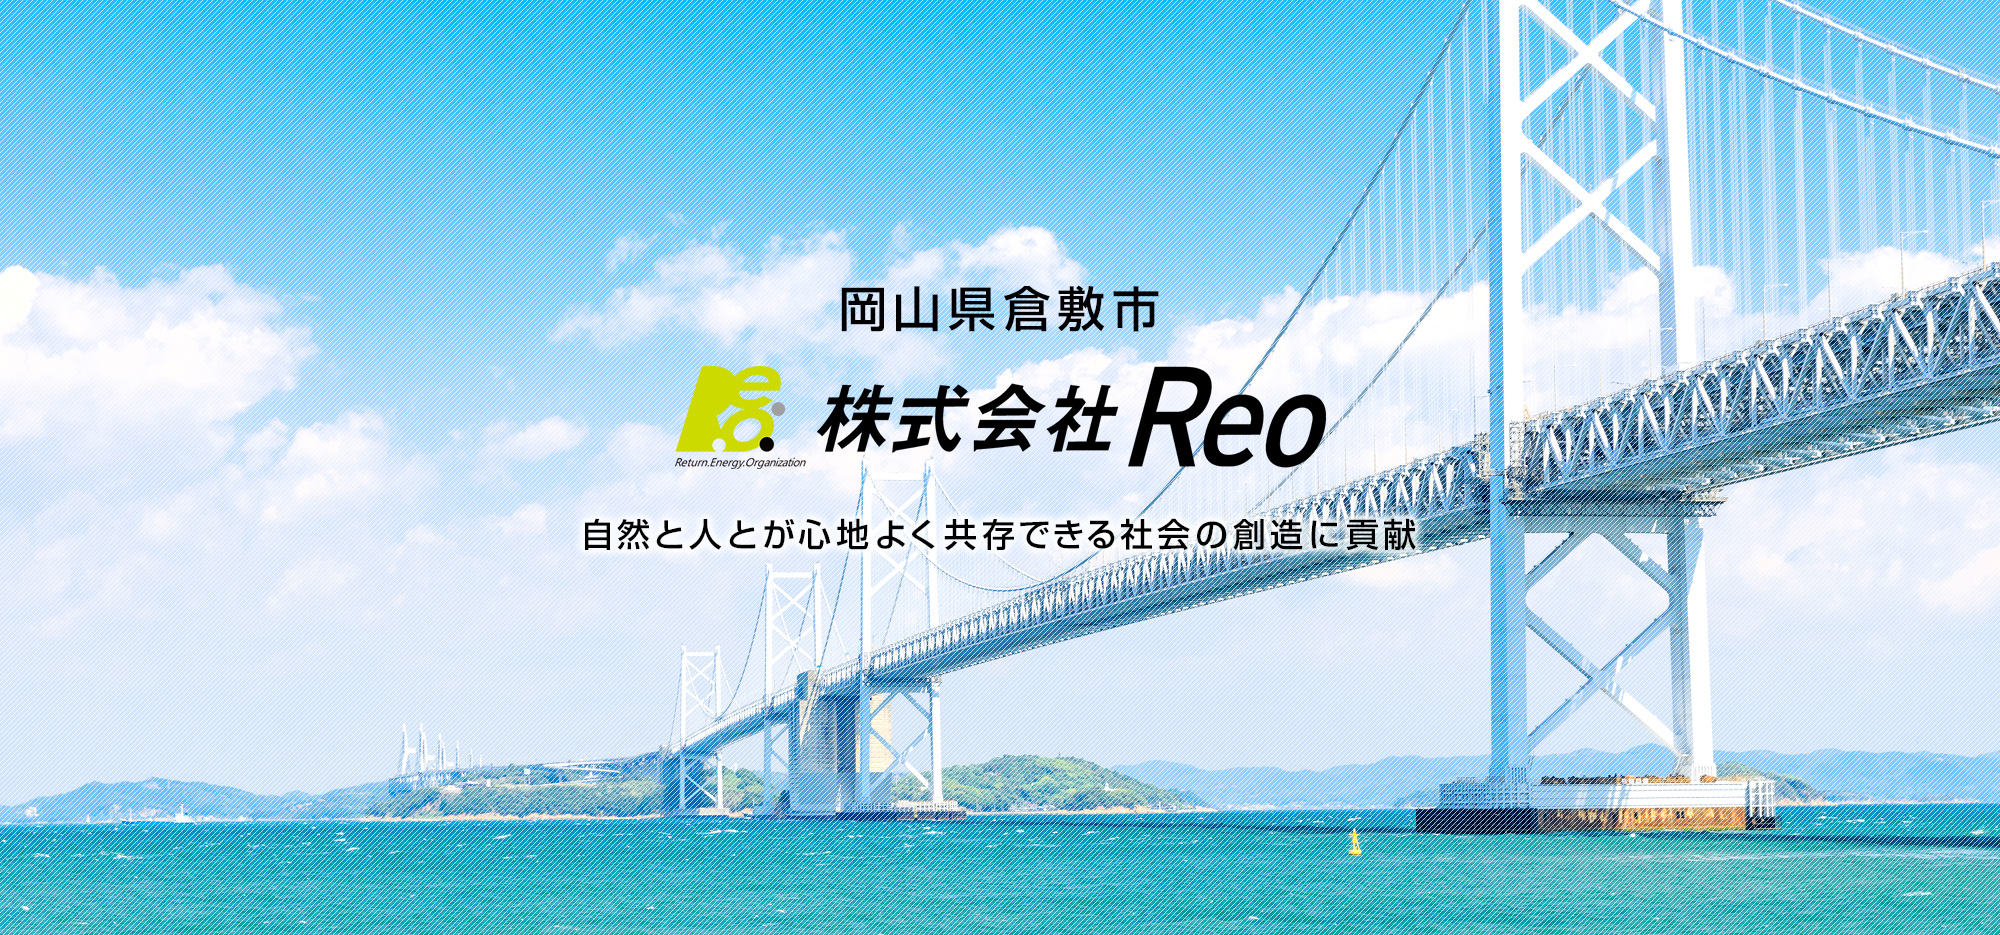 株式会社Reo 自然と人とが心地よく共存できる社会の創造に貢献